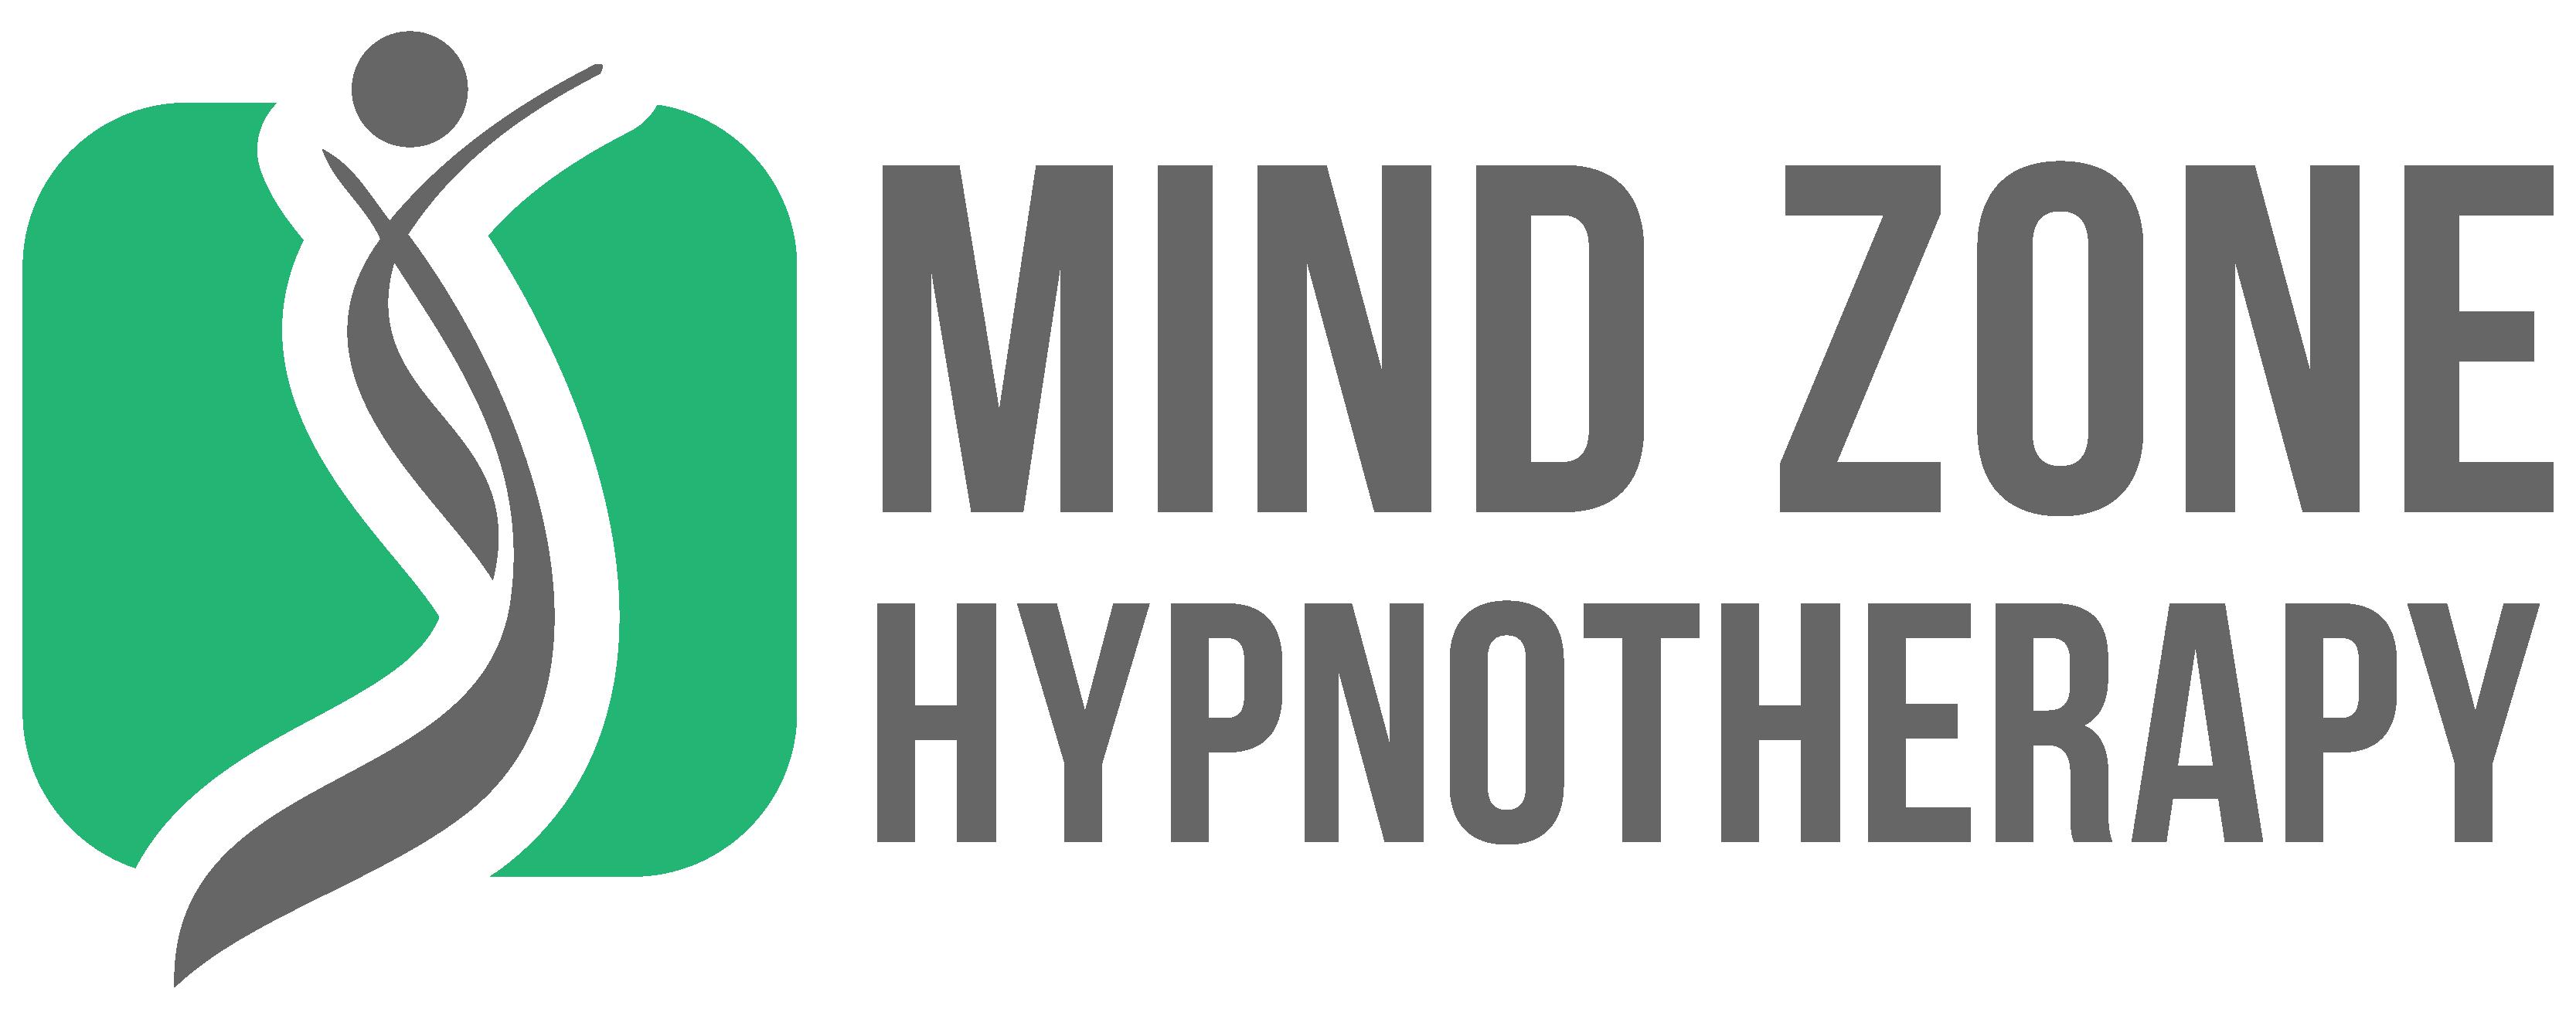 Mind Zone Hypnotherapy